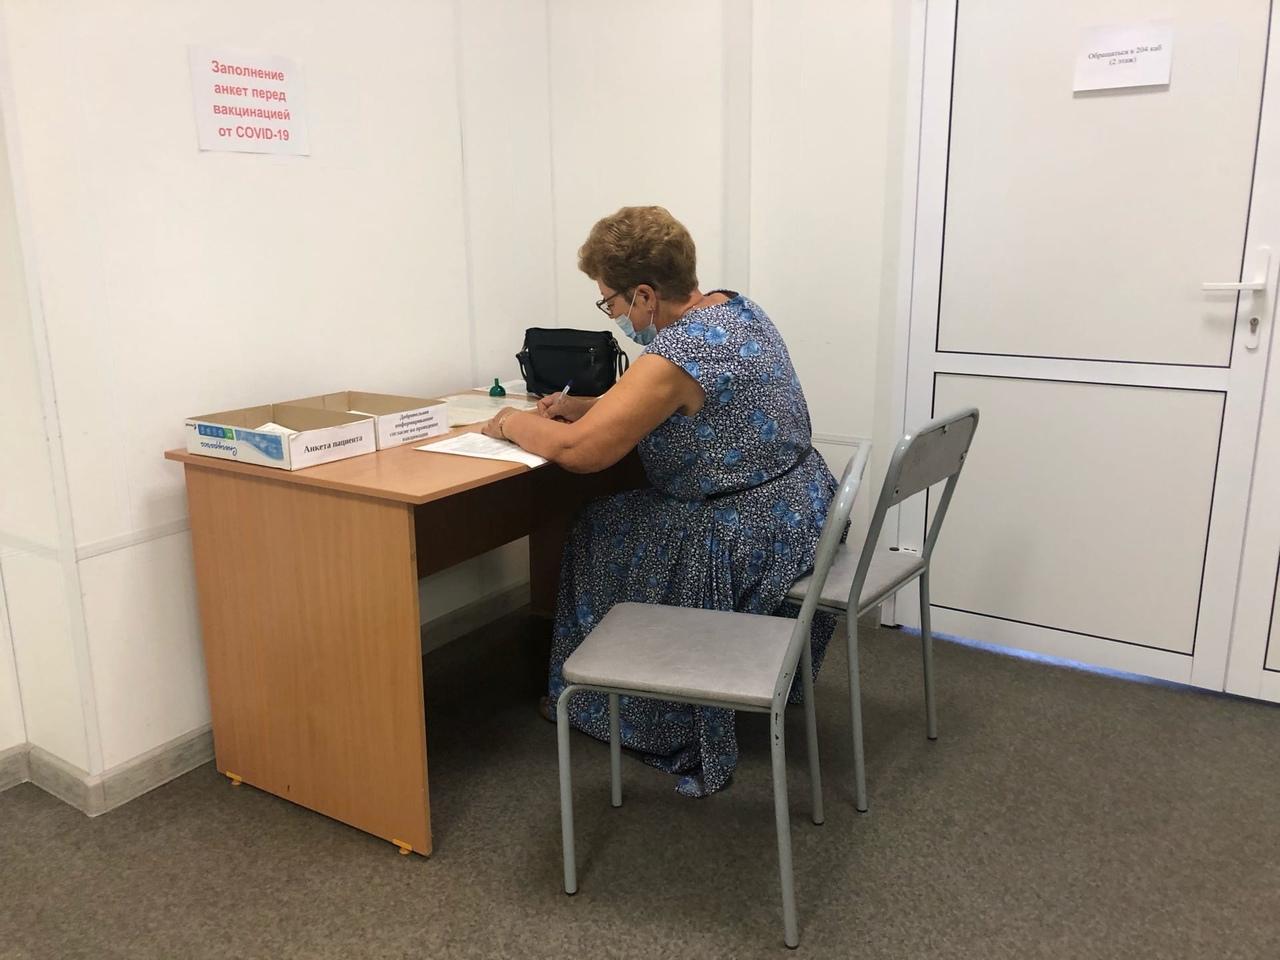 фото «Ужасная ситуация, никакие талончики не работают!»: что происходит в очередях на вакцинацию от COVID-19 в Новосибирске 6